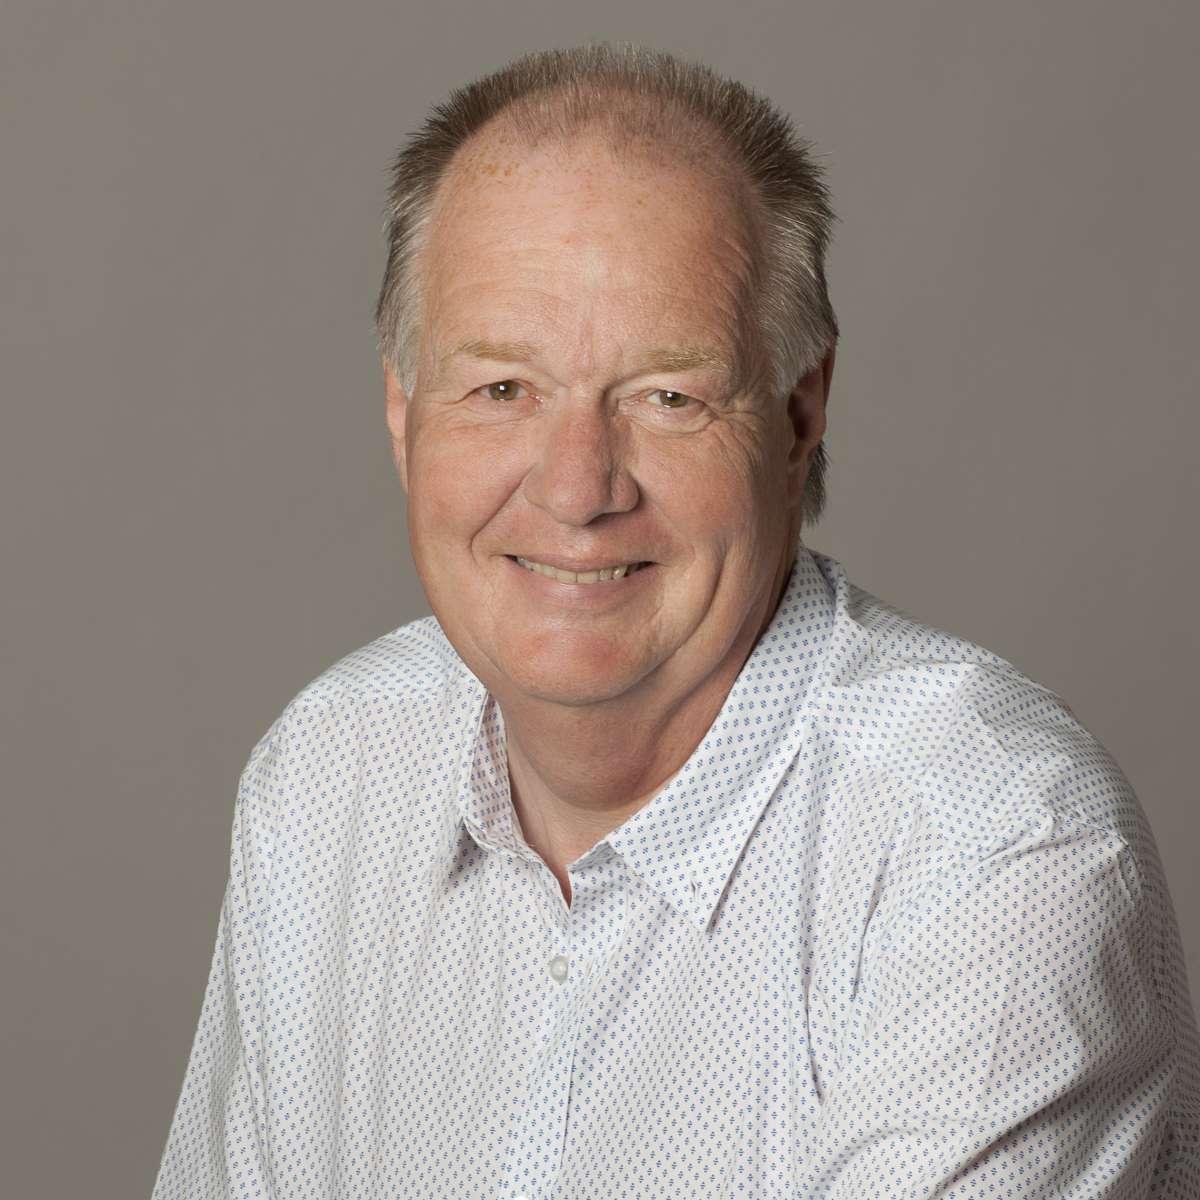 Jan Mosselman